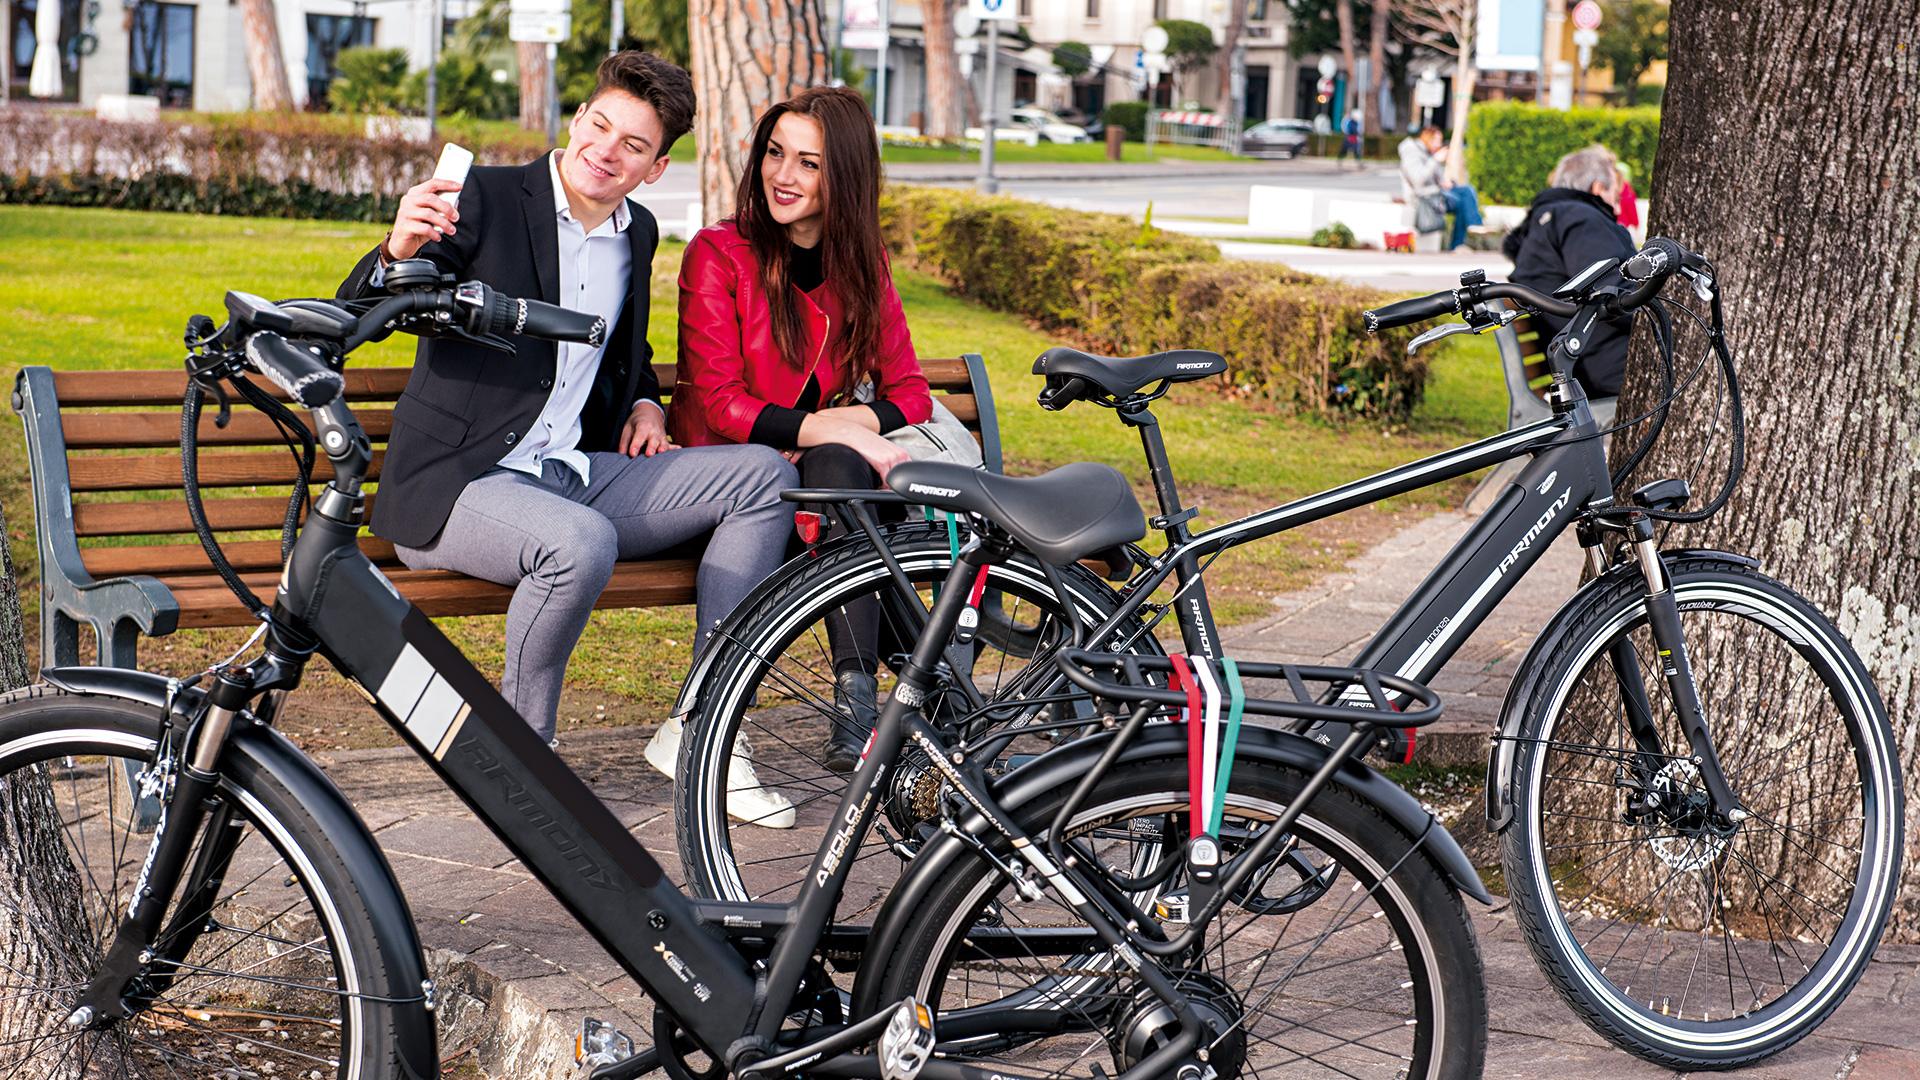 Da San Marino Con Armony Le E Bikes Diventano Scooter Vaielettrico